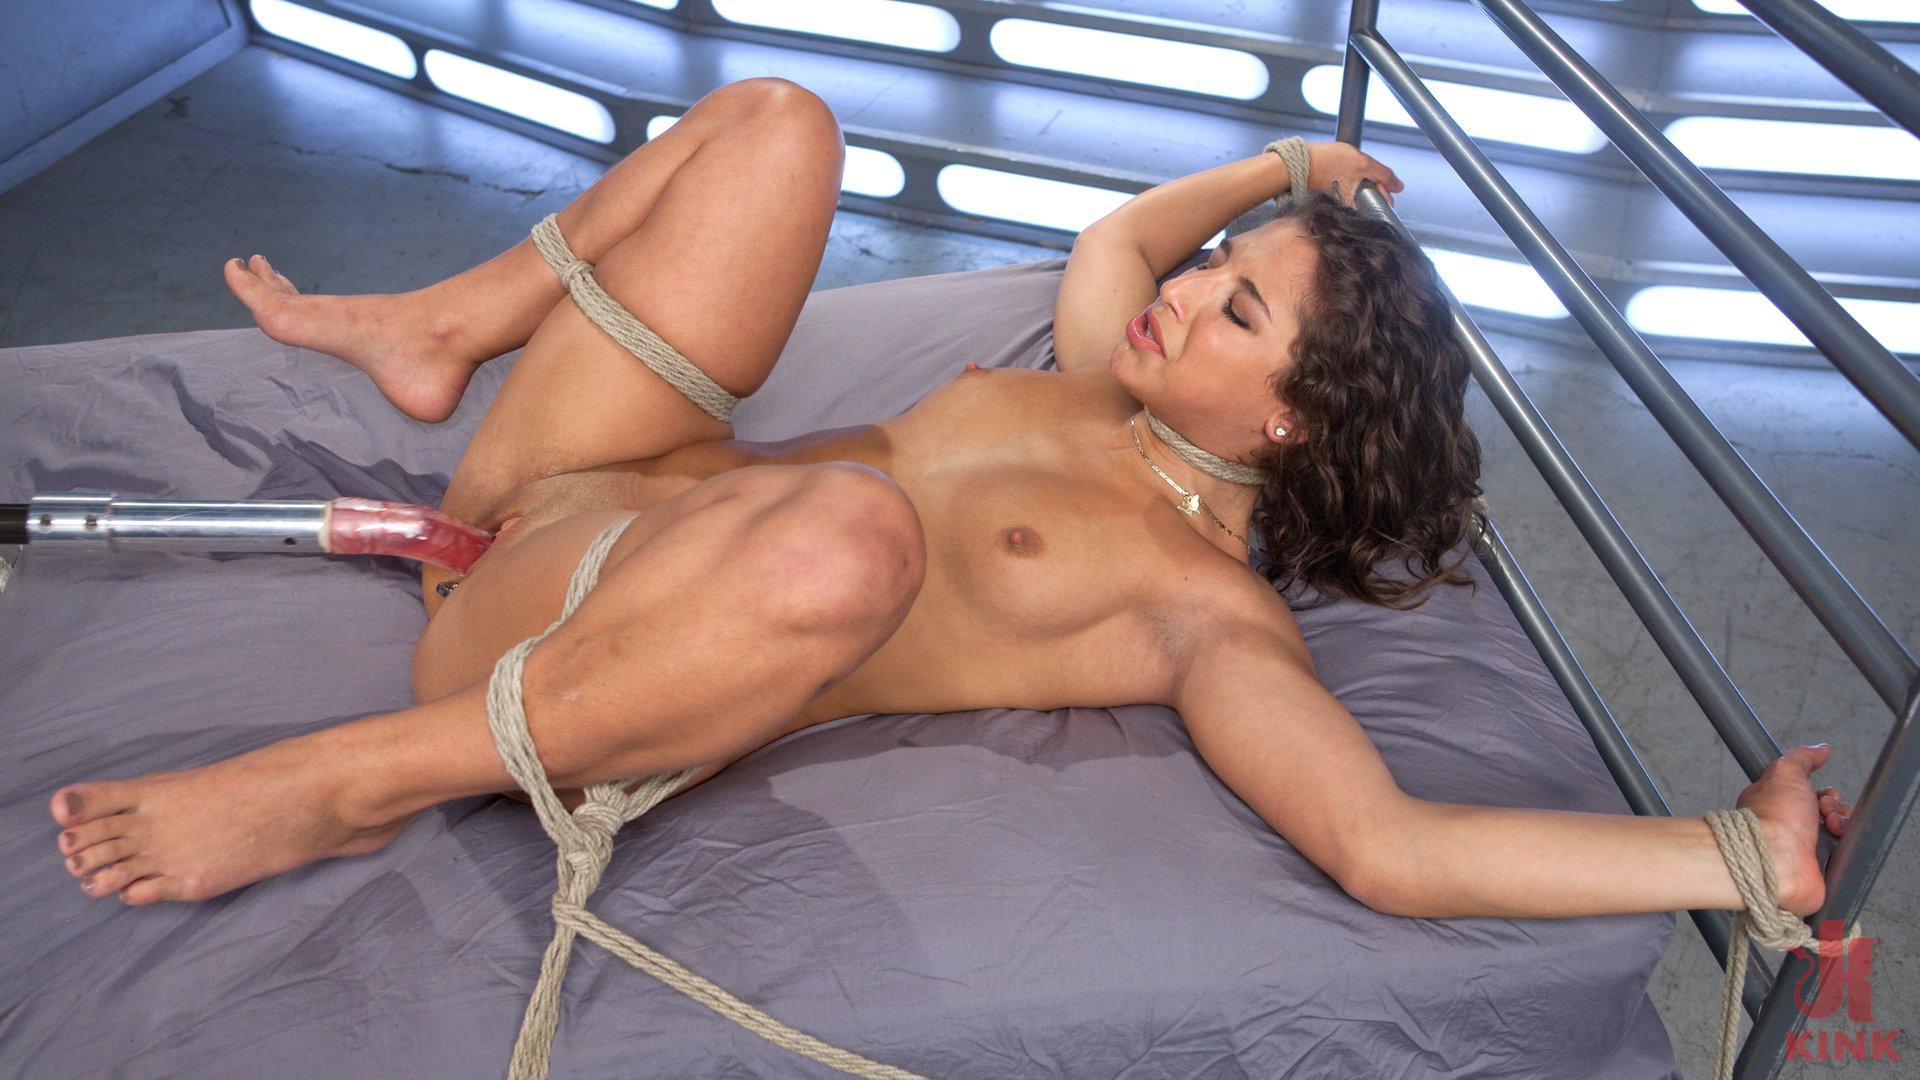 digital girl ass pussy